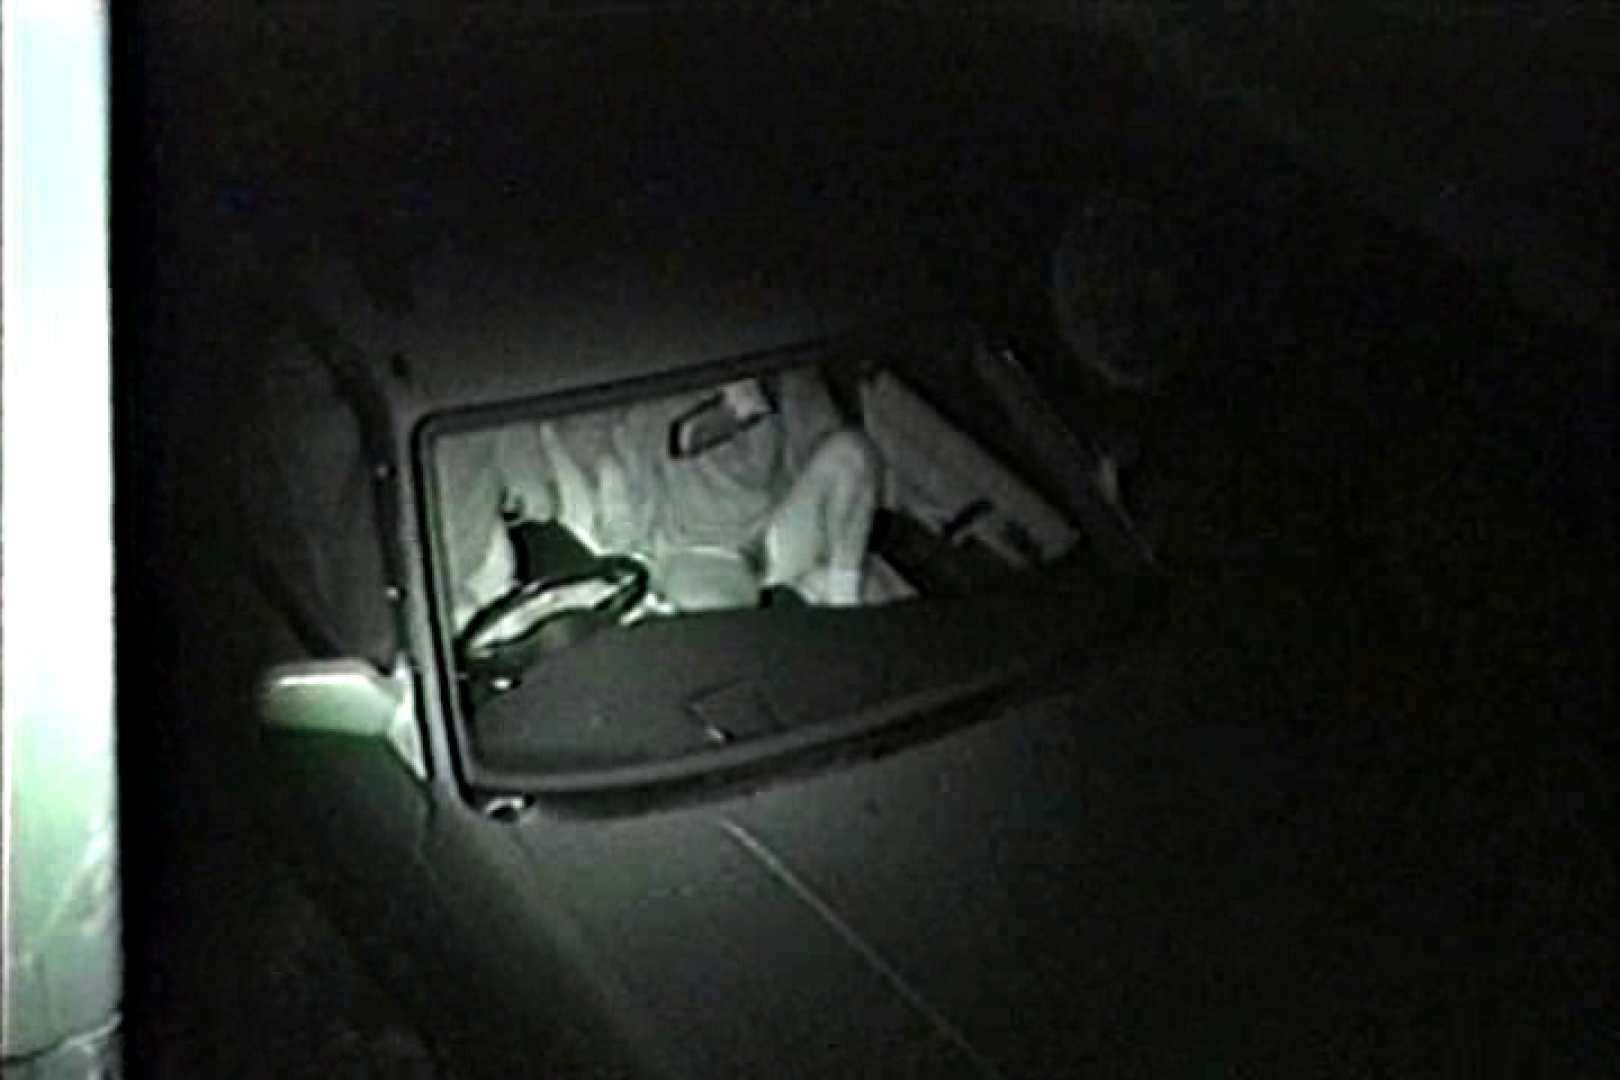 車の中はラブホテル 無修正版  Vol.7 ホテル 盗撮アダルト動画キャプチャ 81画像 30